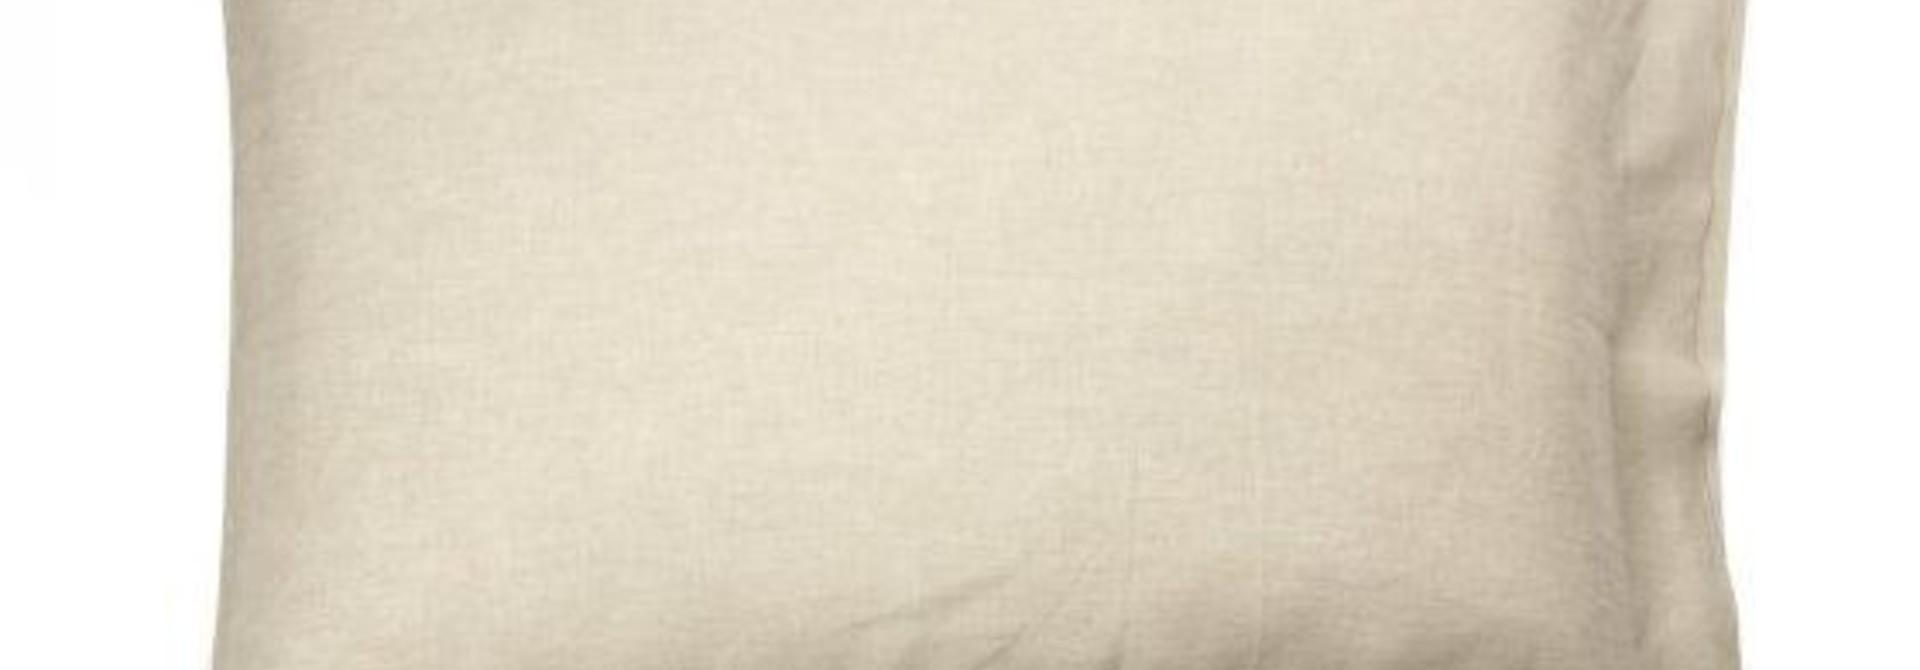 Pillow Sham - Santiago Stone - Euro